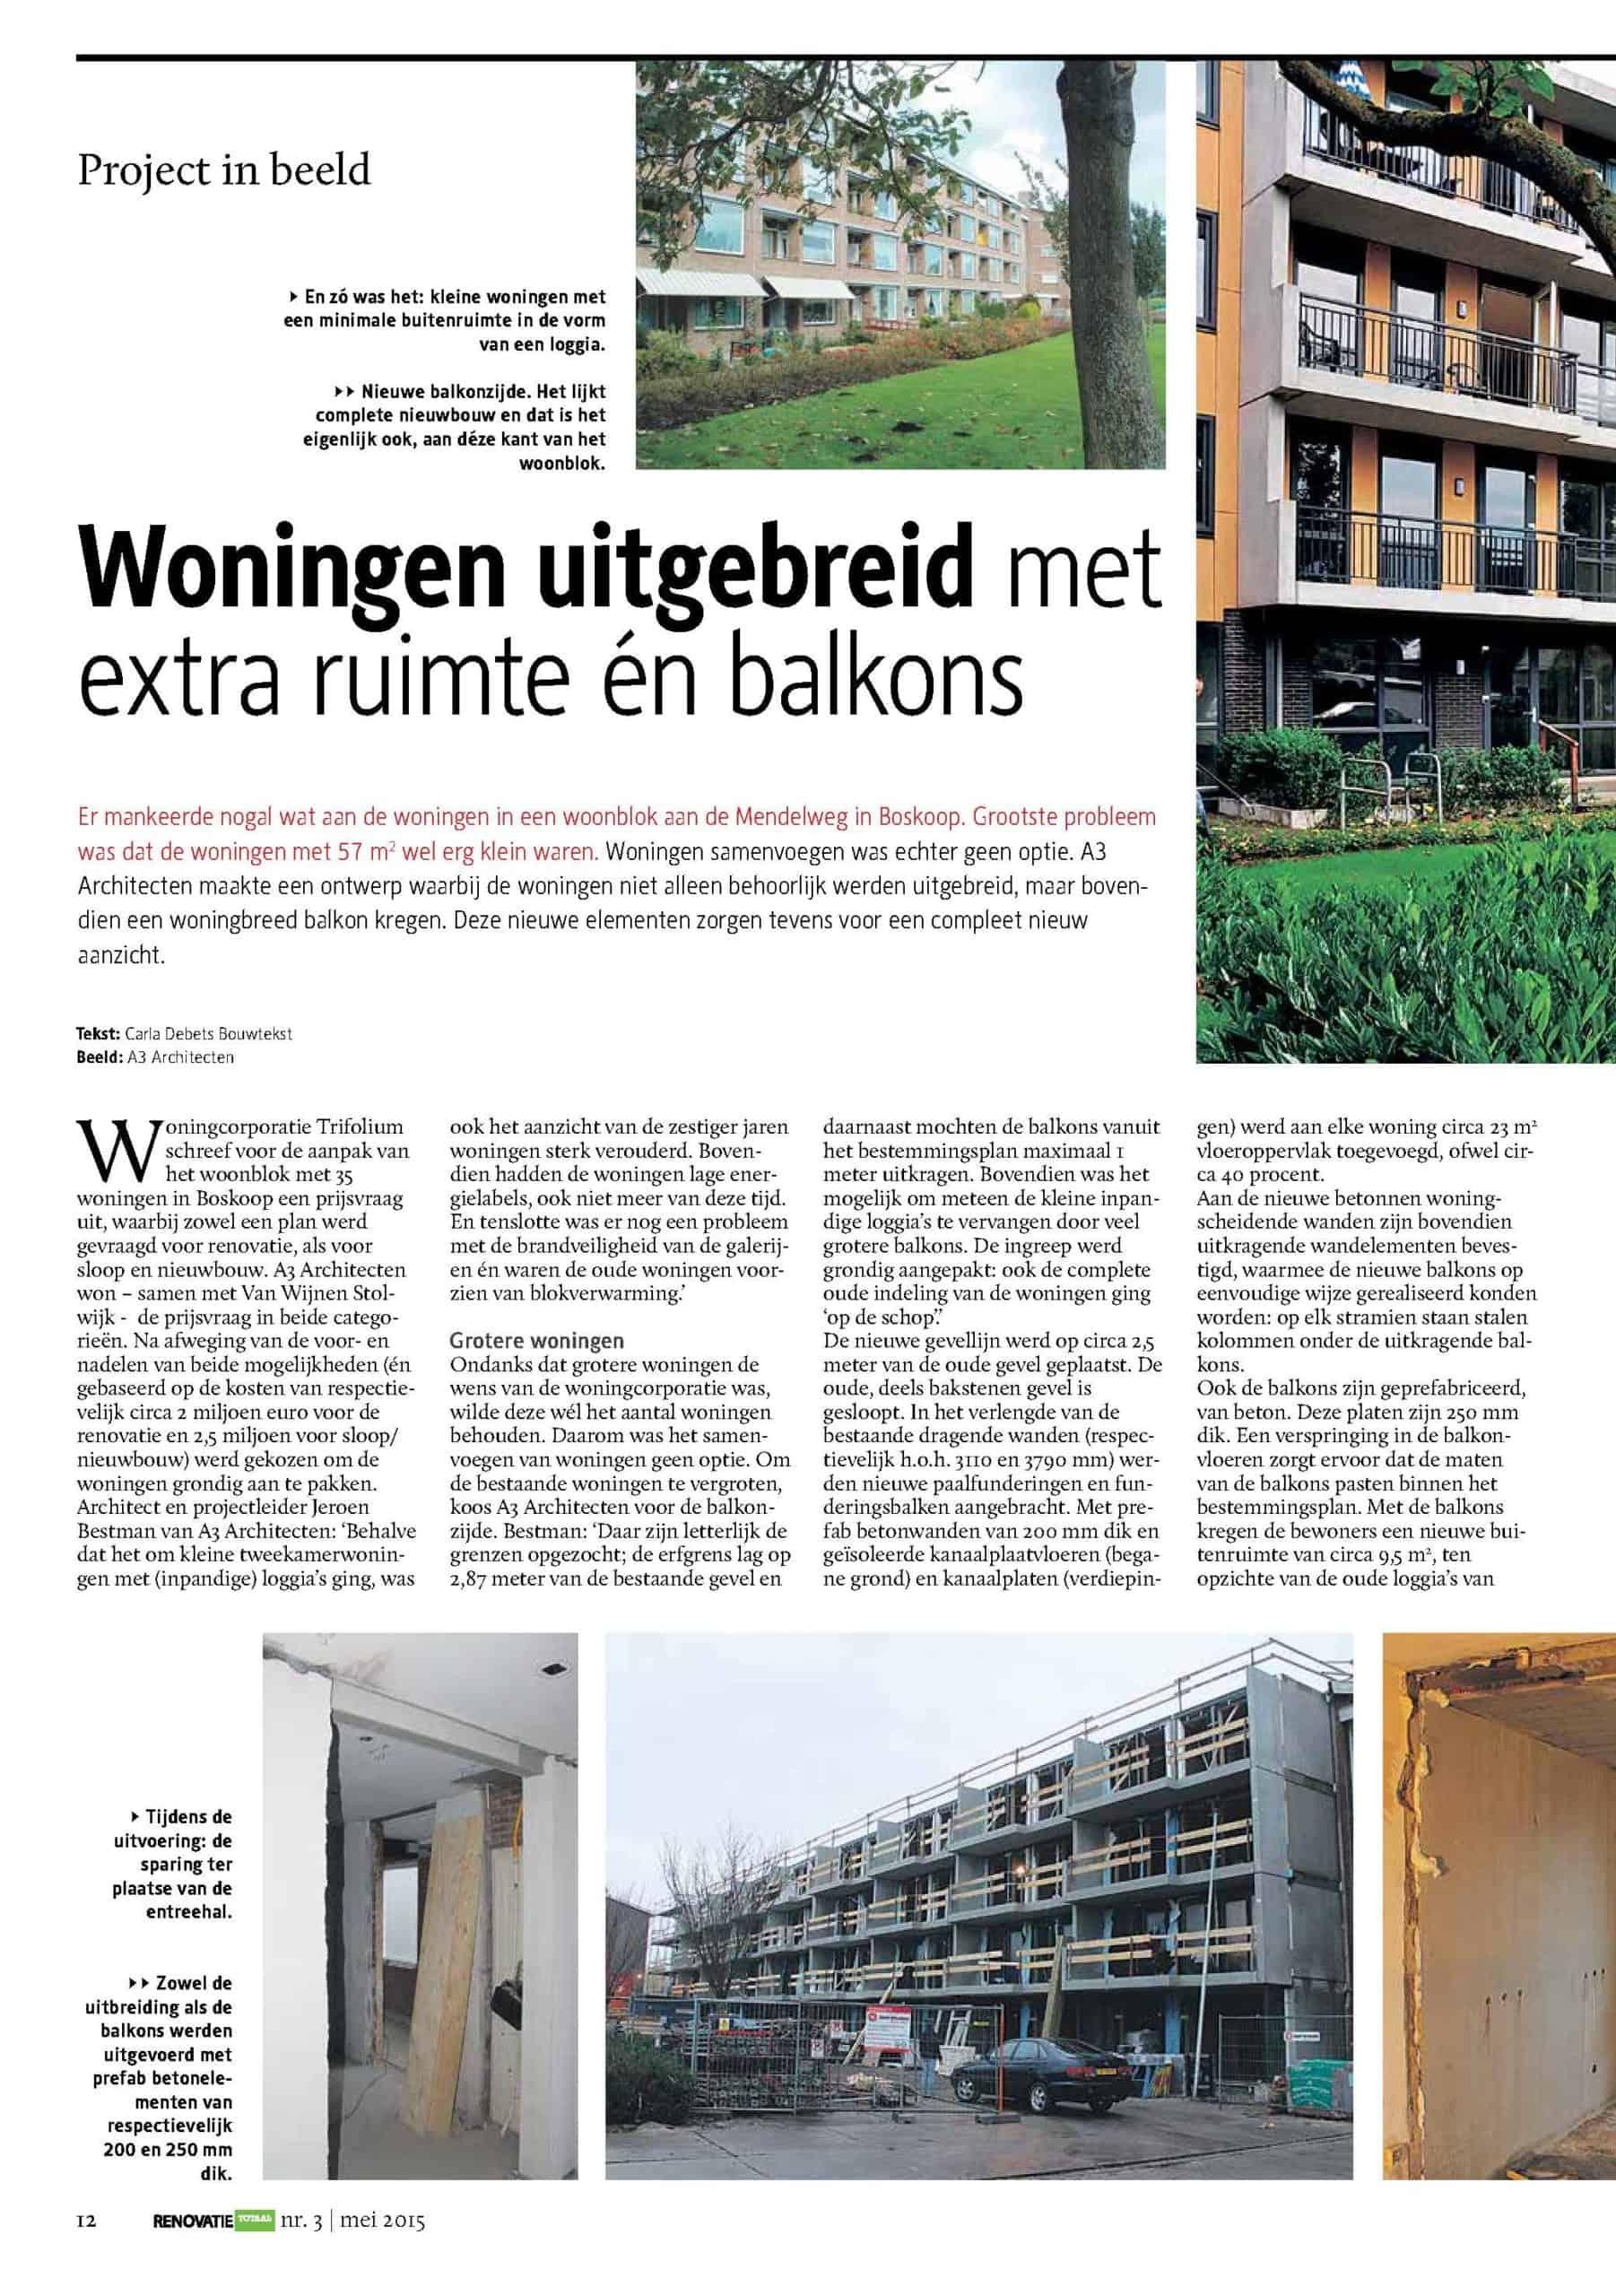 Woningen uitgebreid met extra ruimte én balkons